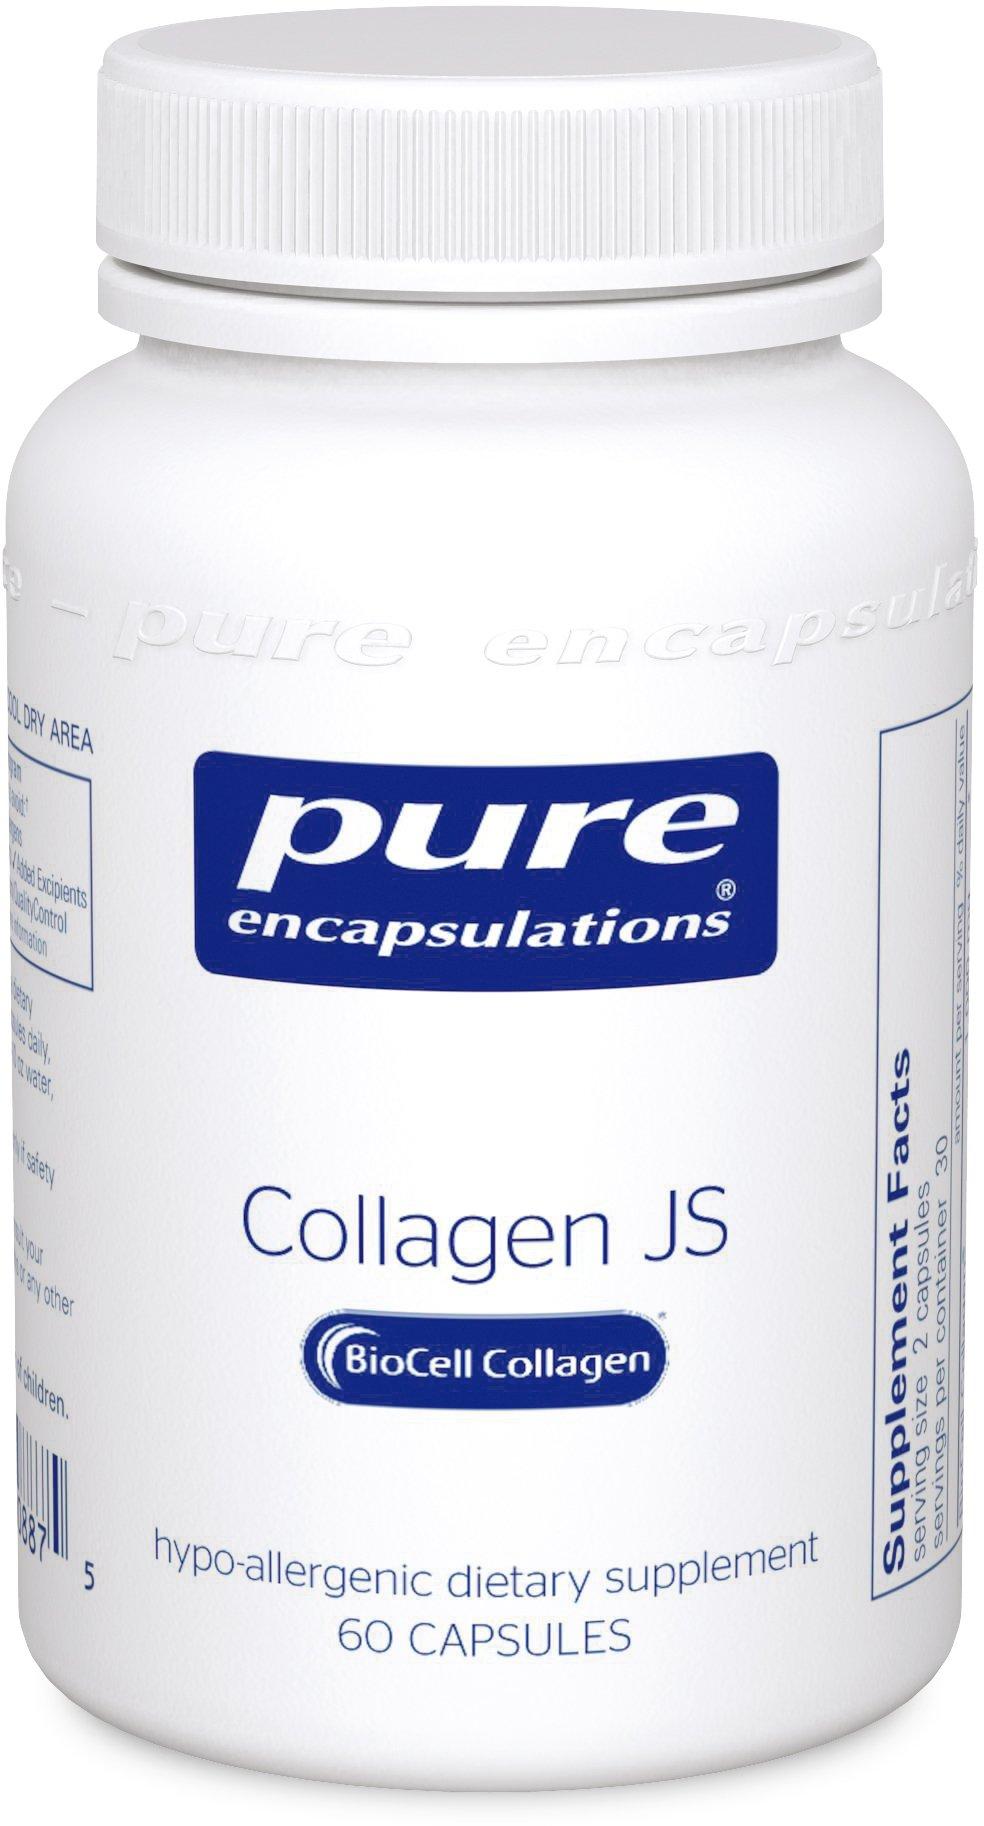 Pure Encapsulations - Collagen JS - Hypoallergenic Multi-Molecule Collagen Complex - 60 Capsules